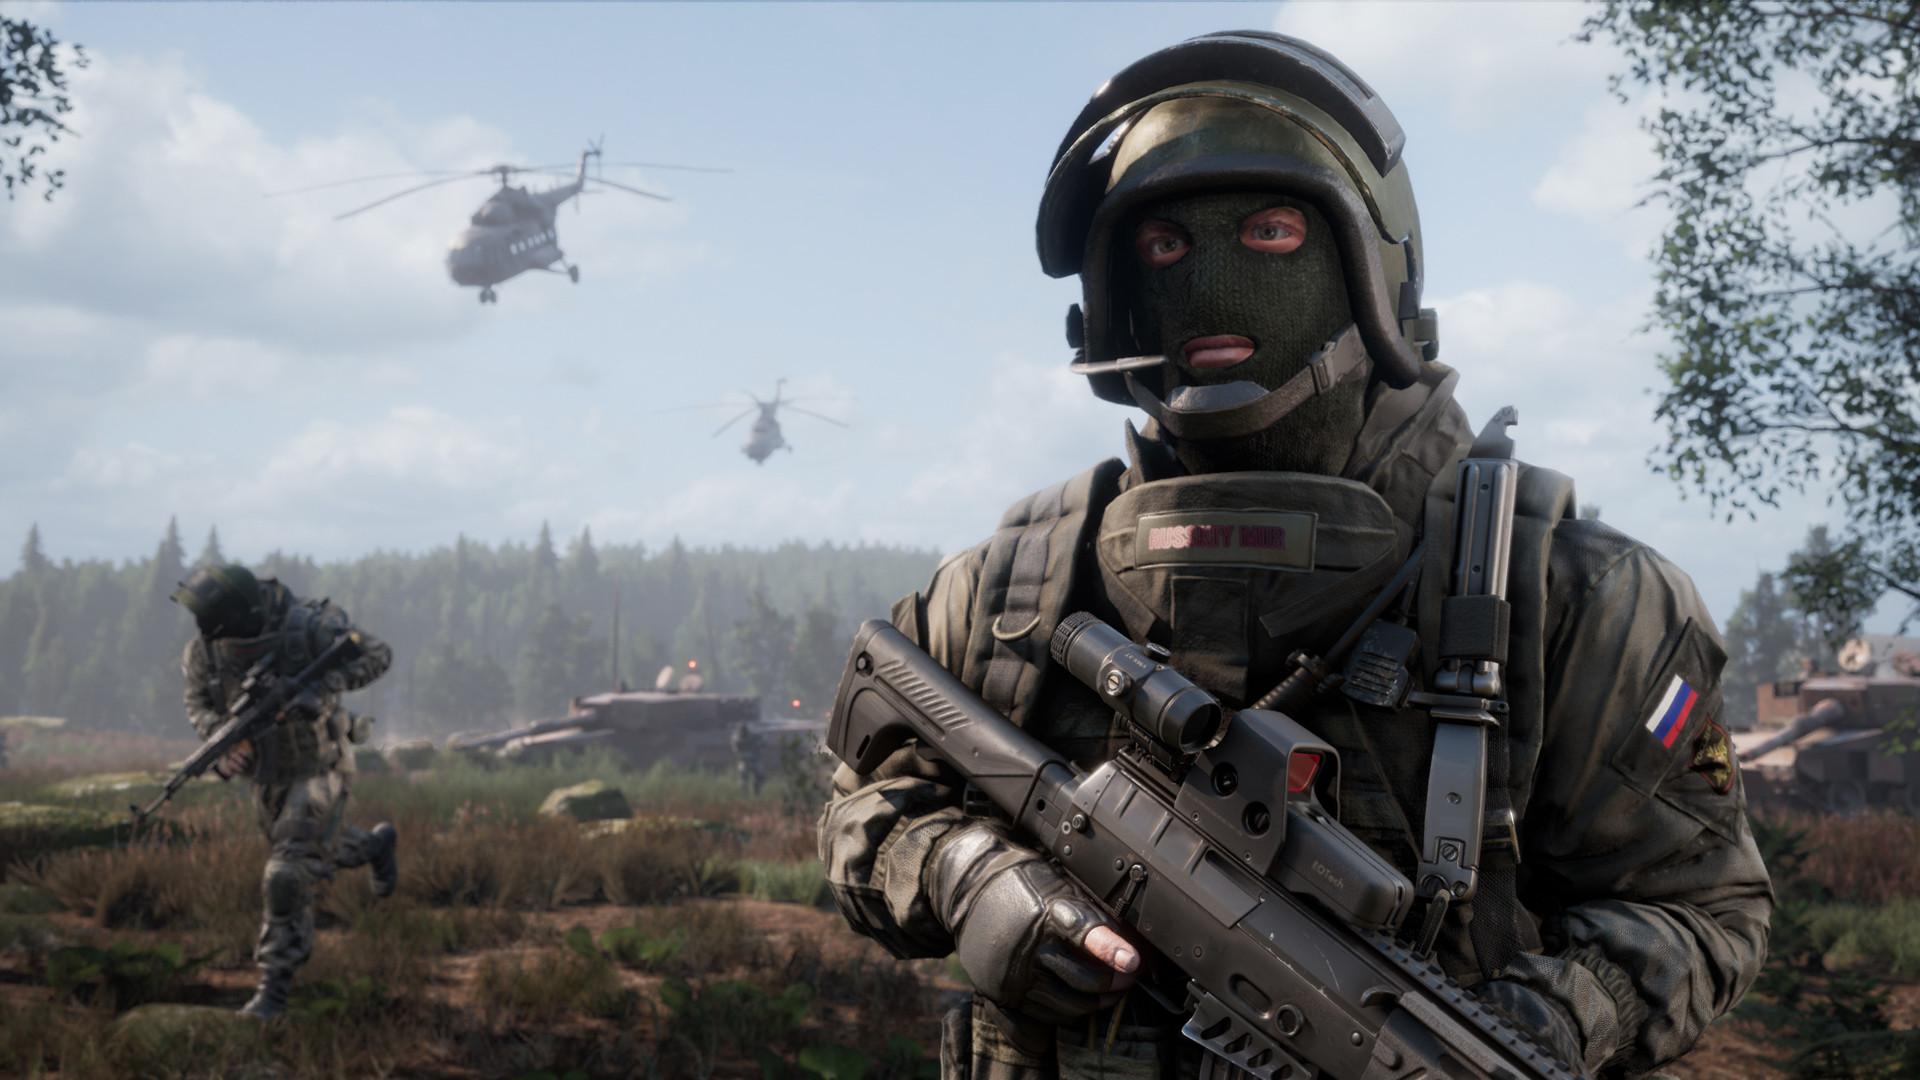 world_war_3_russian_soldier_1.jpg - World War 3